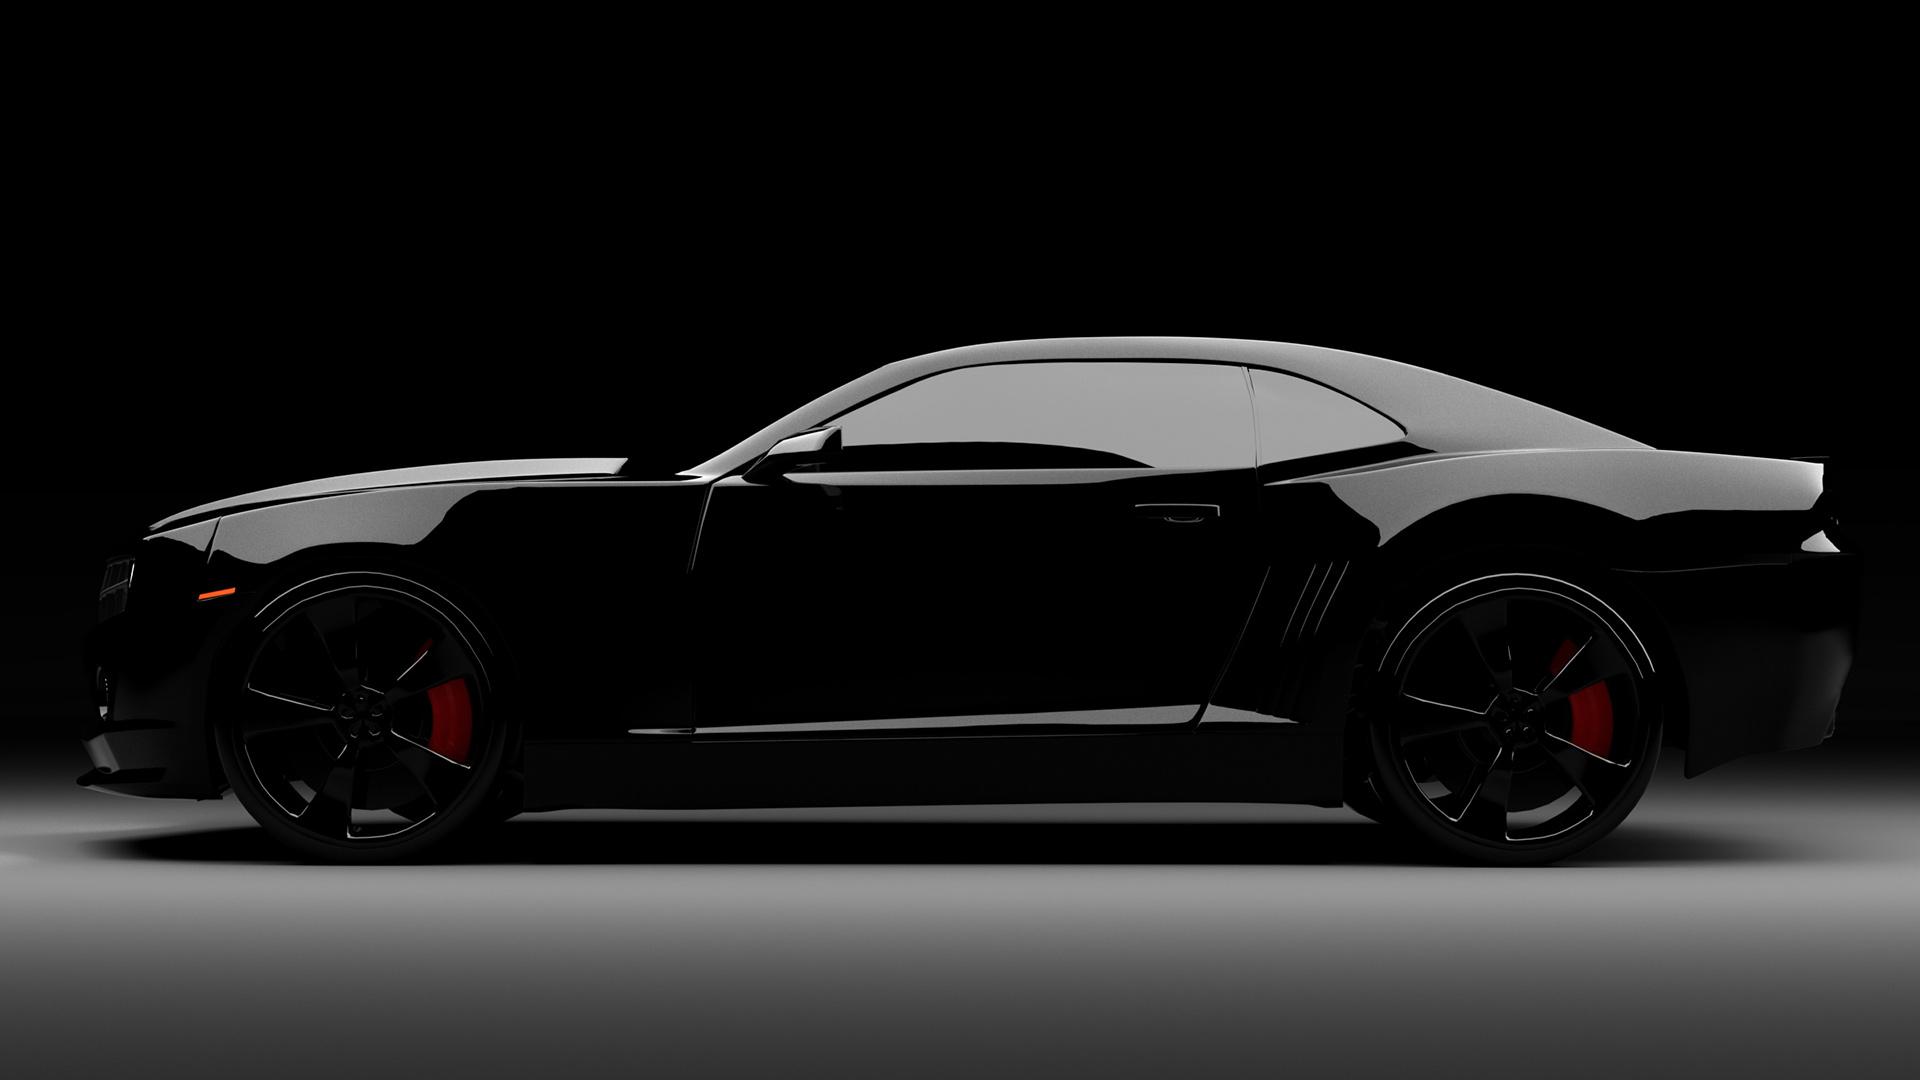 Черный автомобиль стокового Android обои скачать